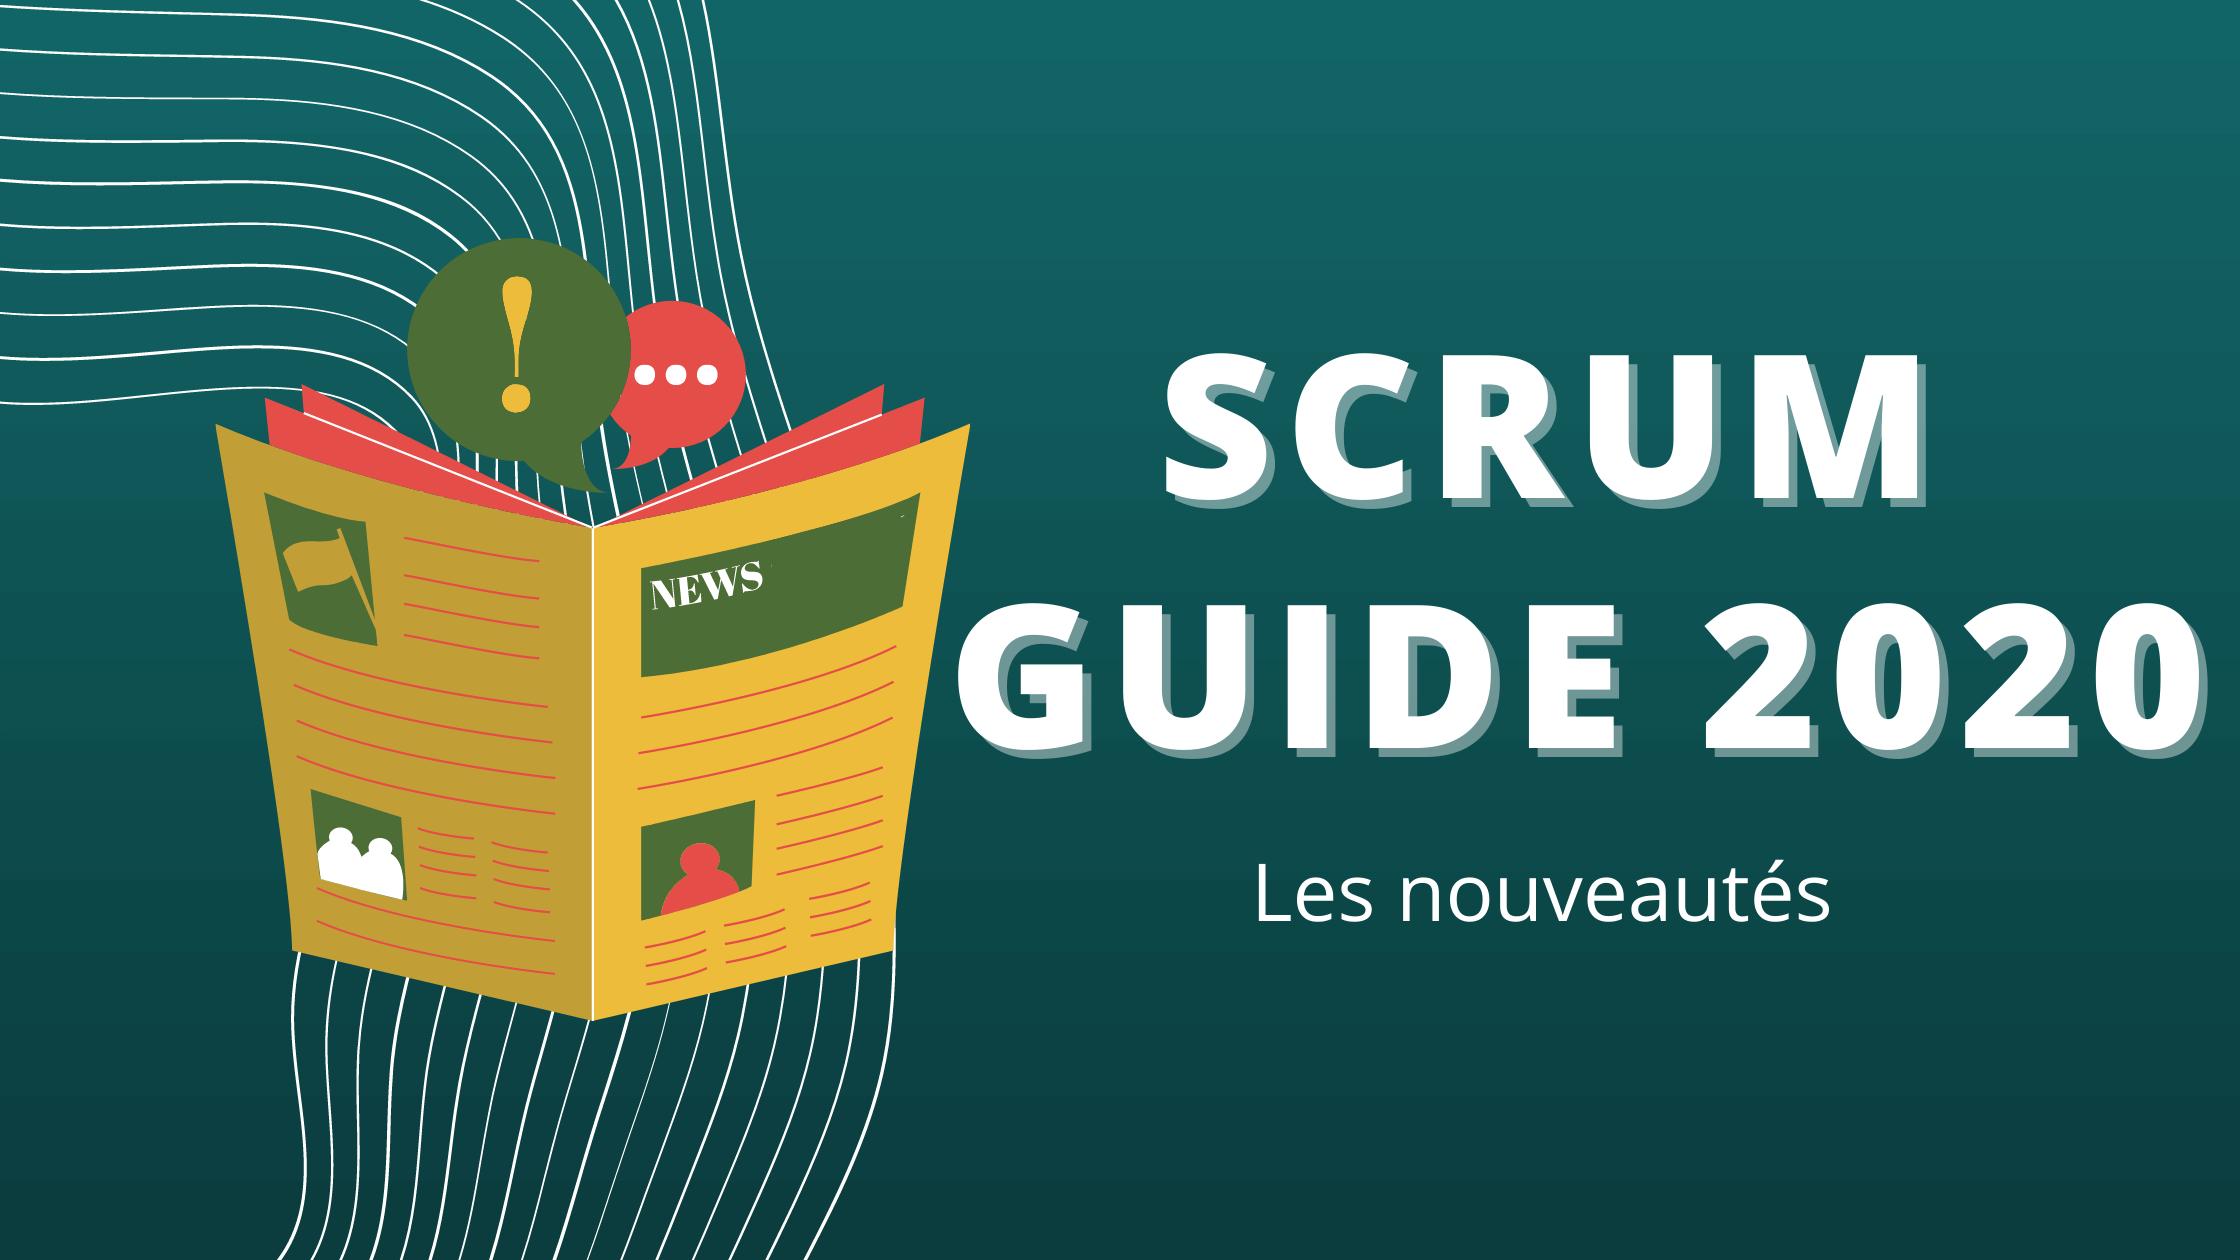 Guide Scrum 2020